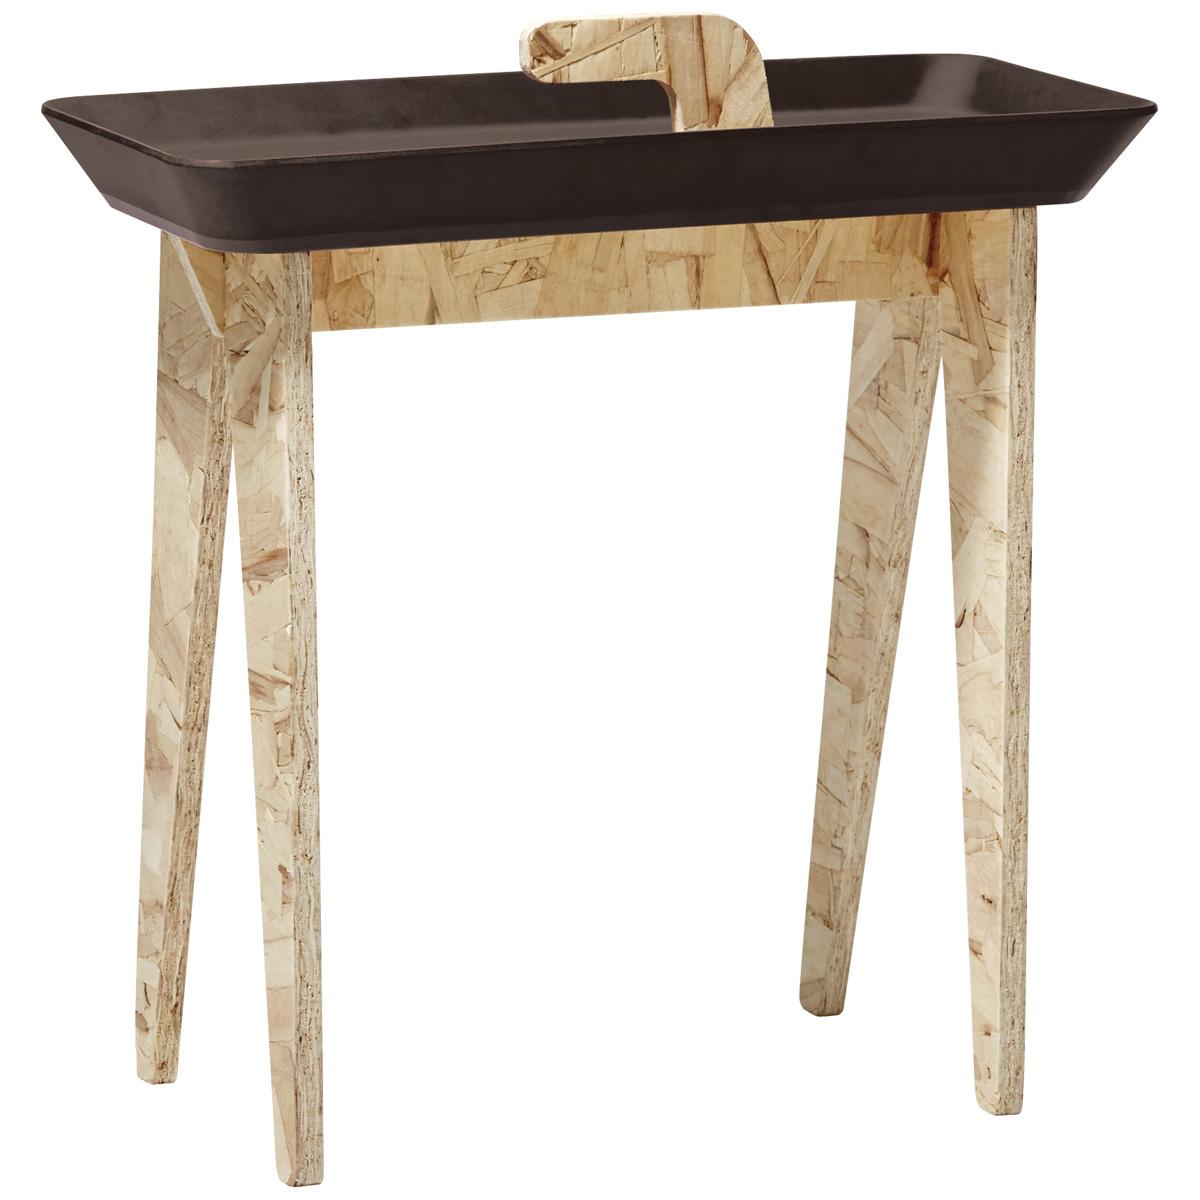 サイドテーブル ideaco タイニーウォーク イデアコ Tiny Walk マットブラウン